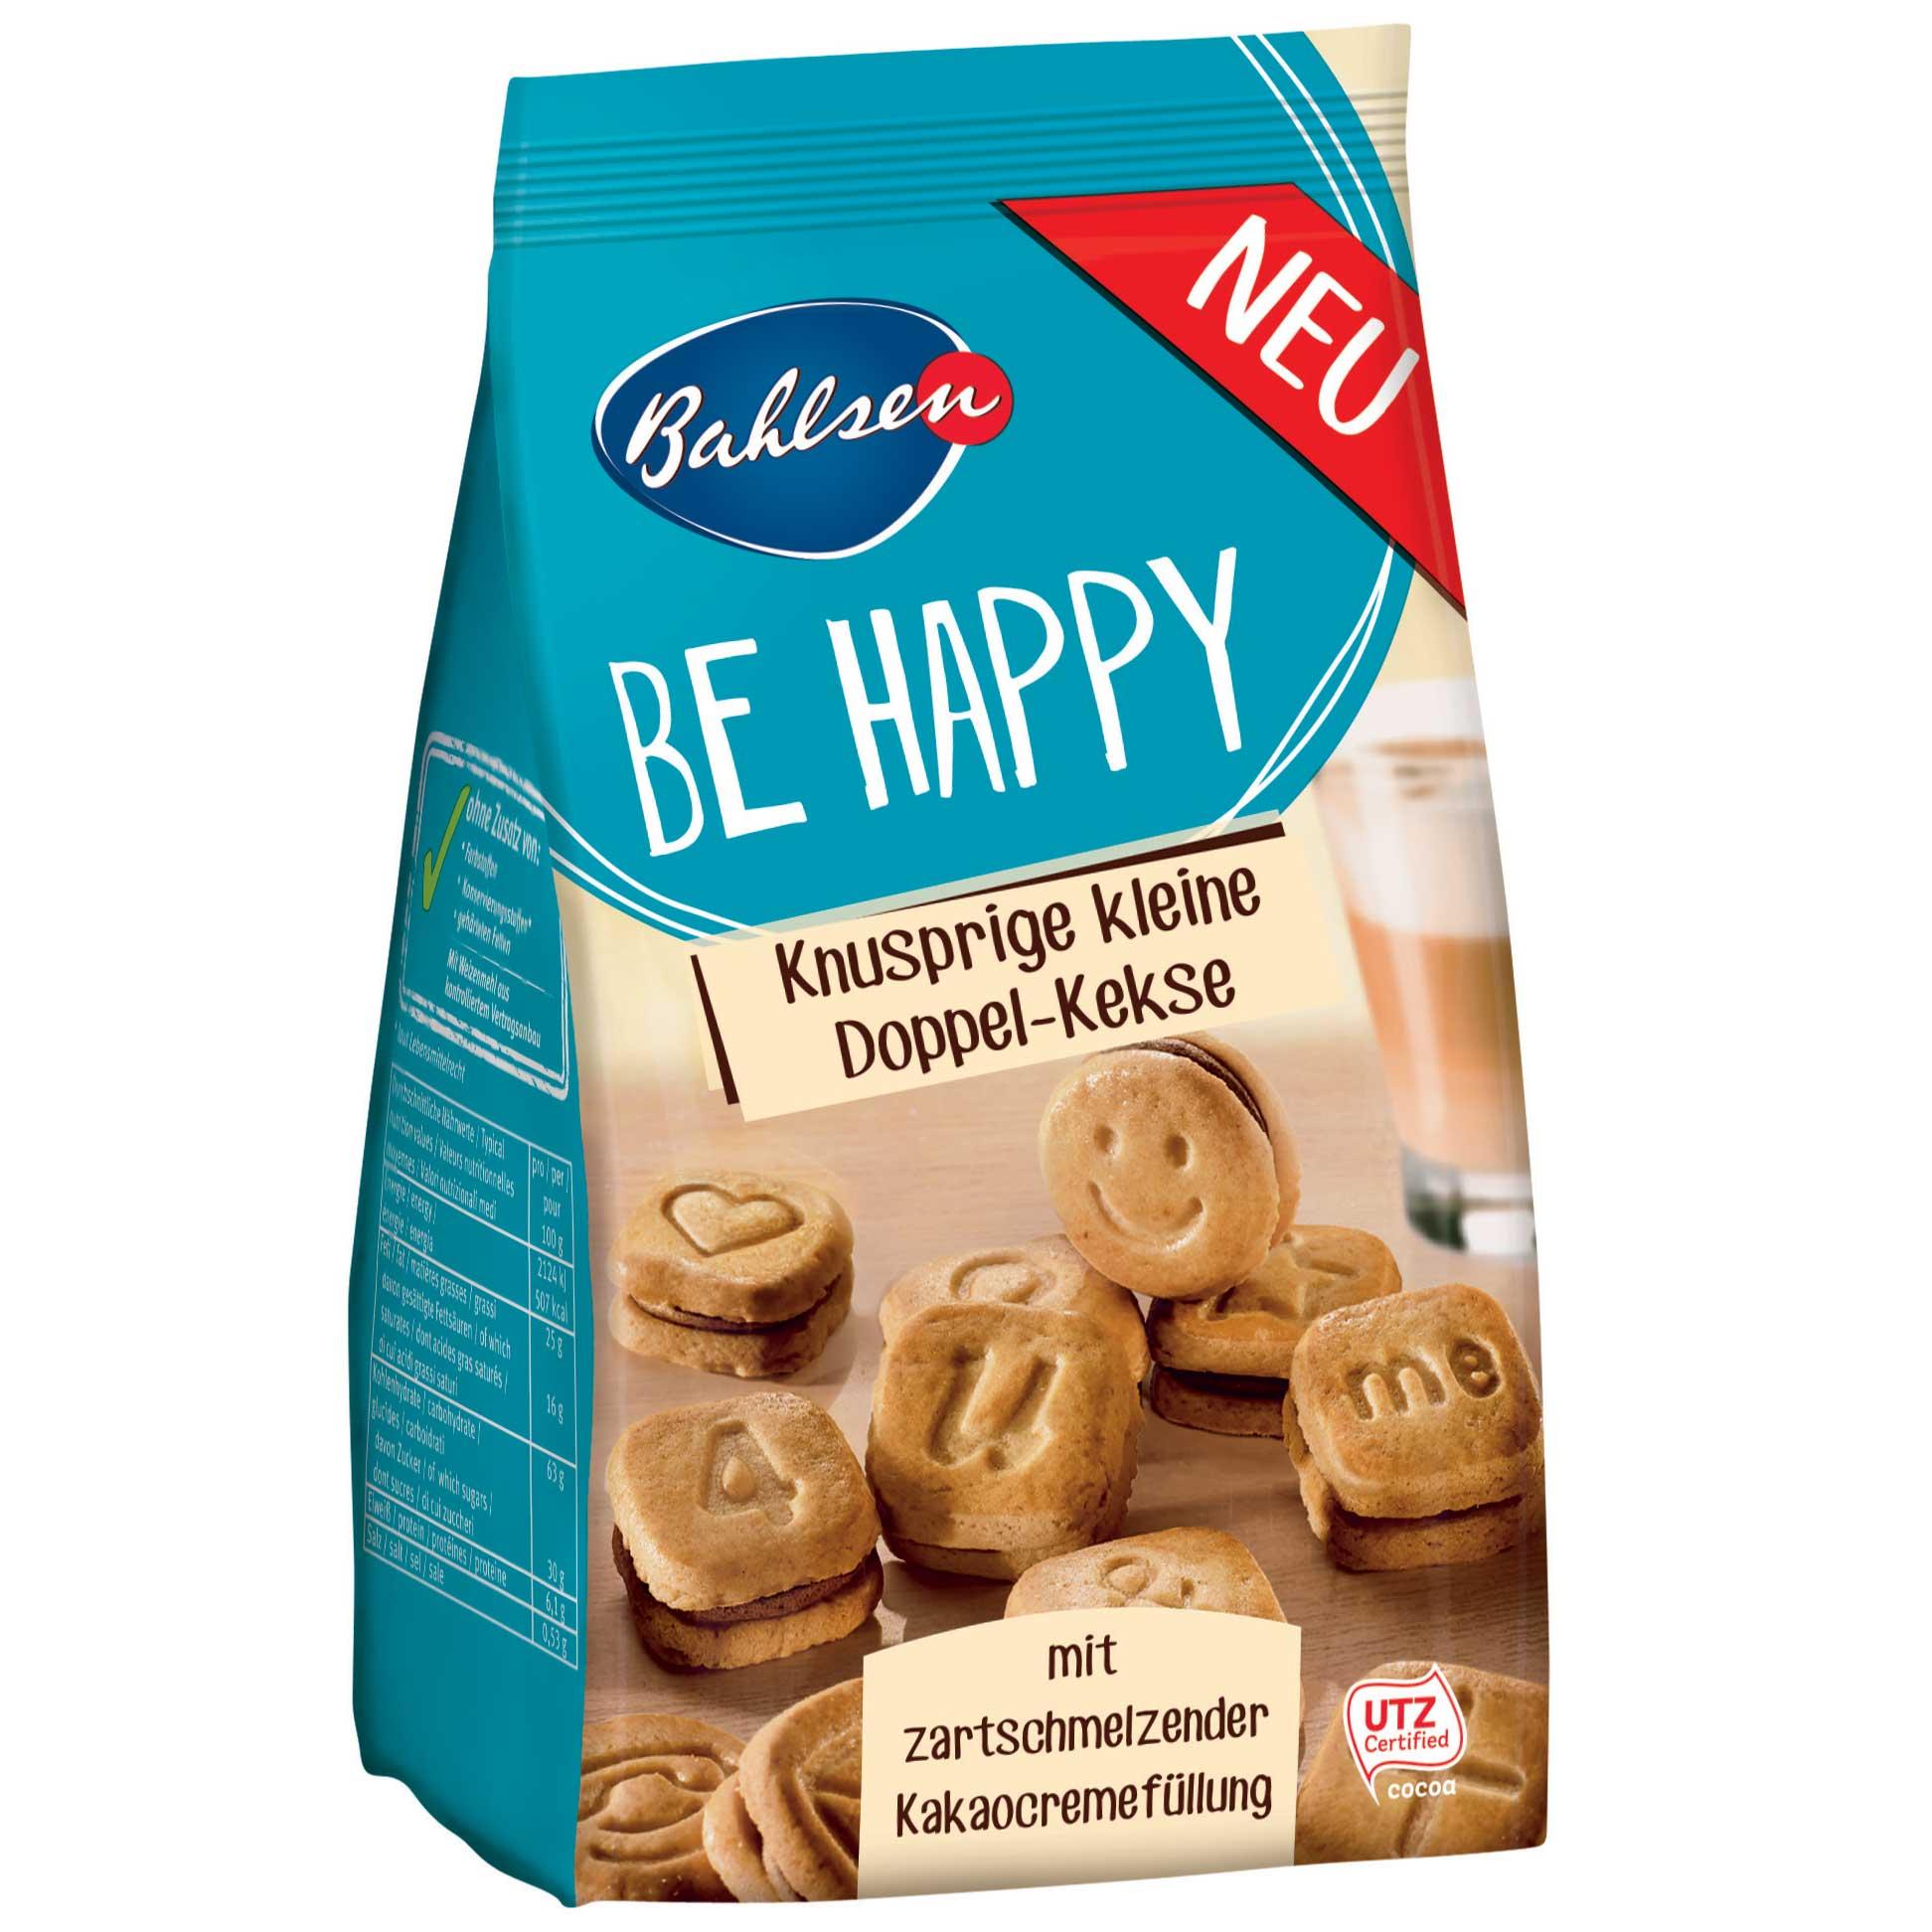 bahlsen be happy mini kekse online kaufen im world of sweets shop. Black Bedroom Furniture Sets. Home Design Ideas